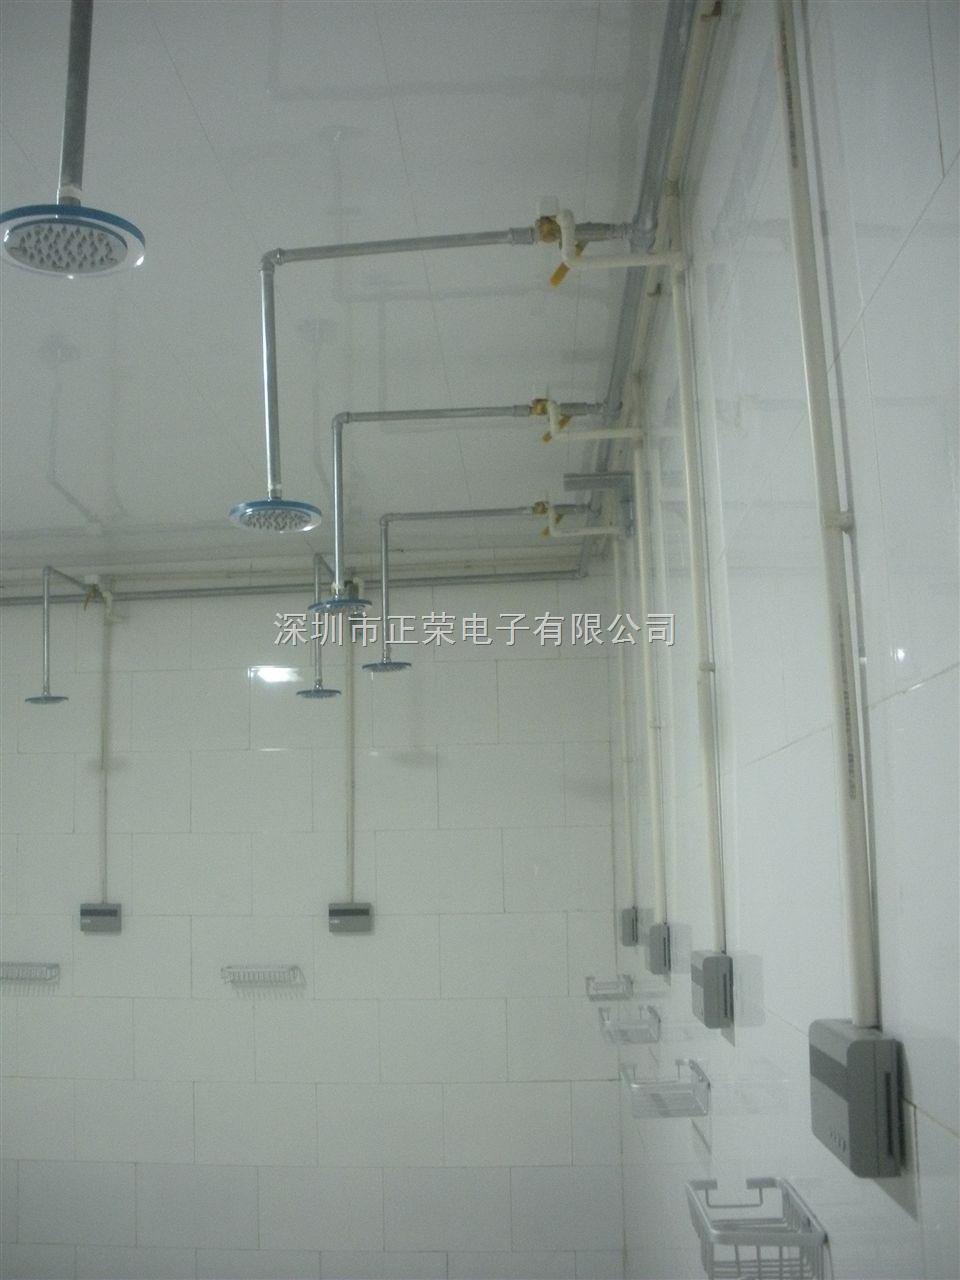 校園IC卡水控系統